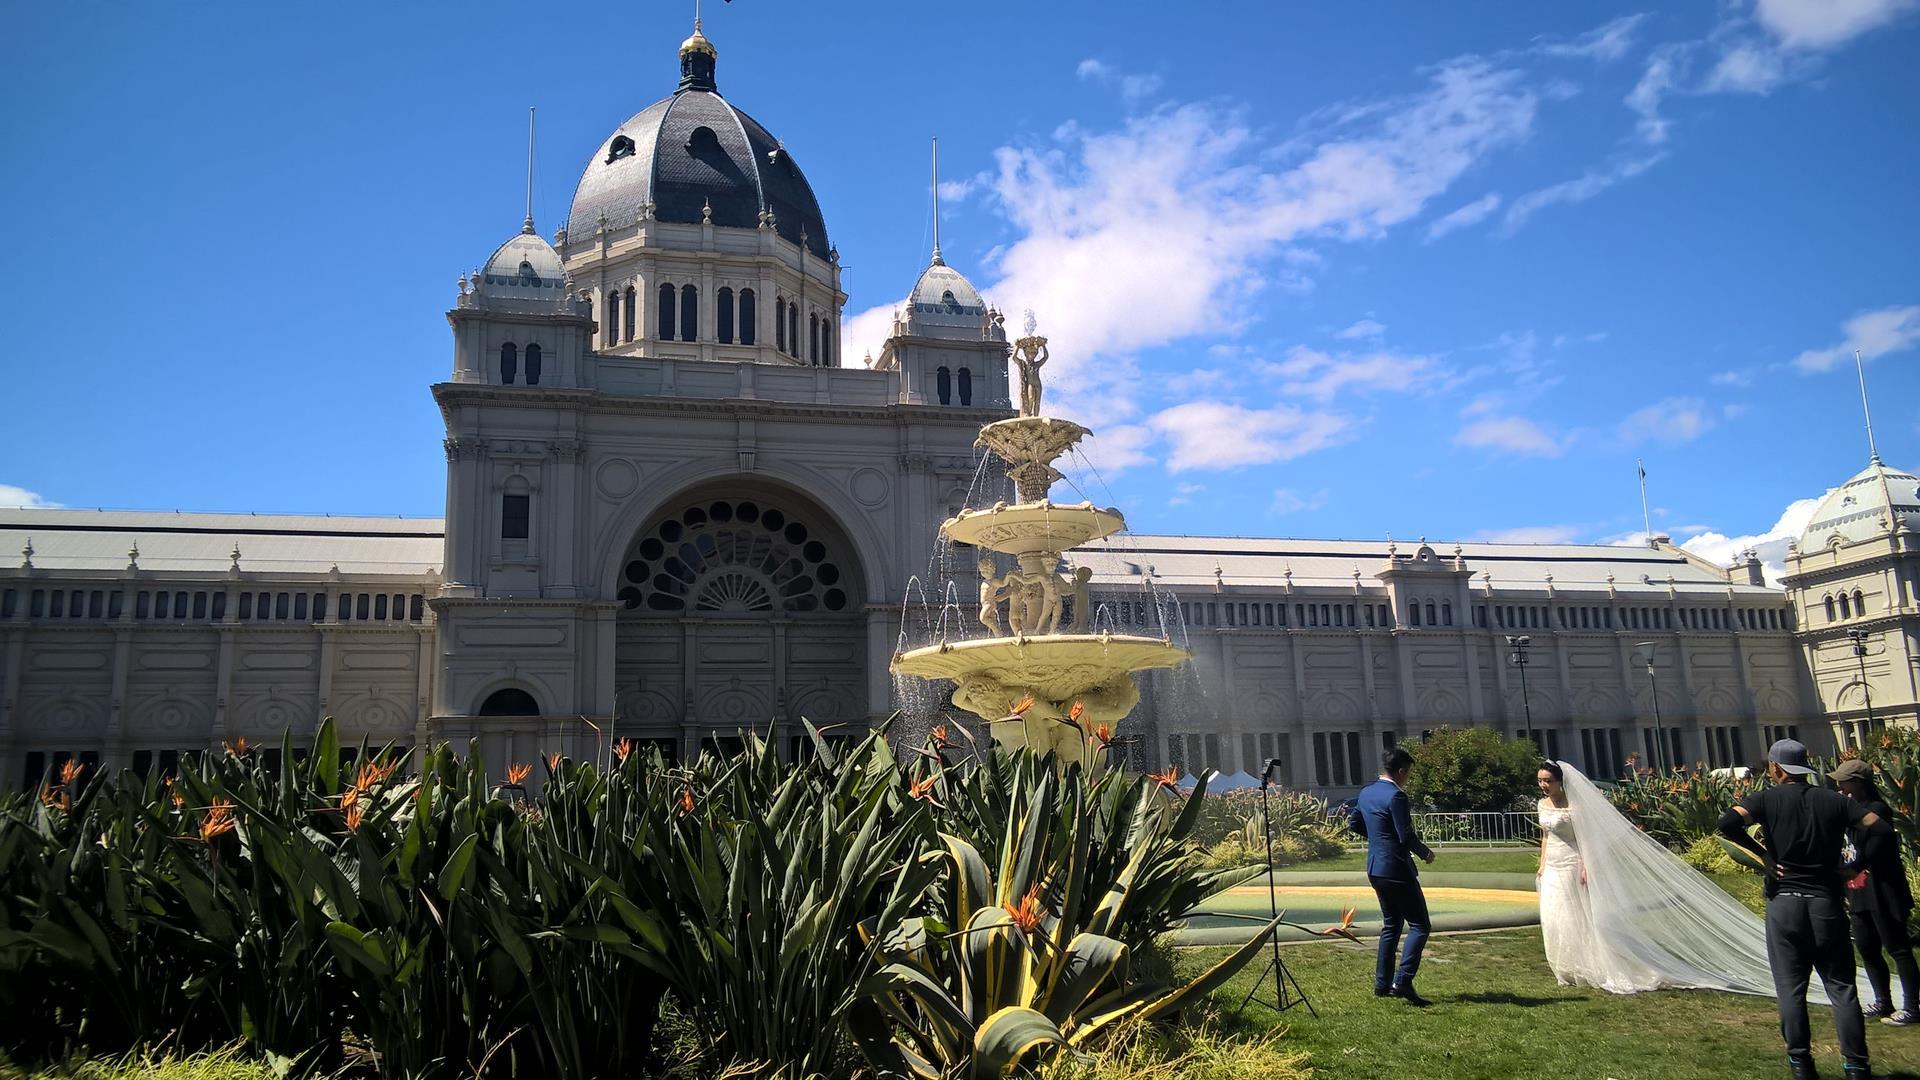 Das Royal Exhibition Center ist während des Goldrausches gebaut und war - und ist - ein Blickfang